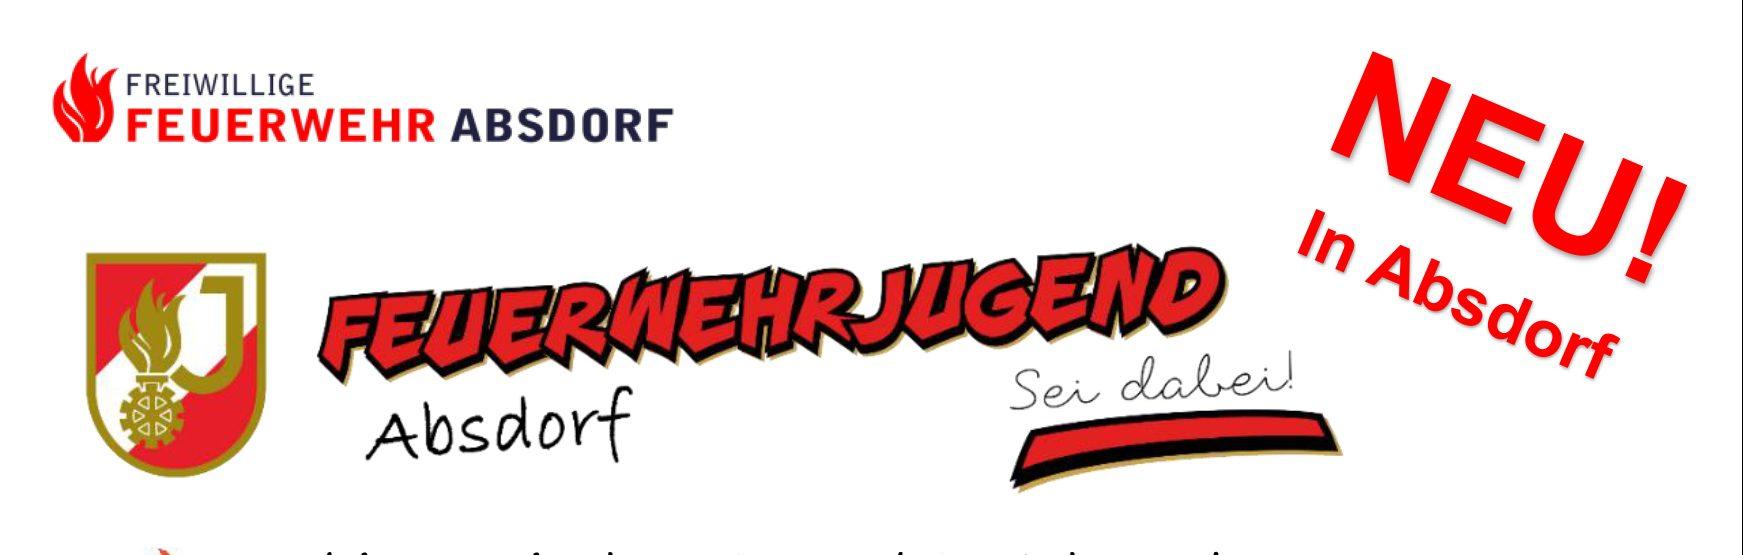 Wichtiger Meilenstein für die Zukunft der Freiwilligen Feuerwehr Absdorf